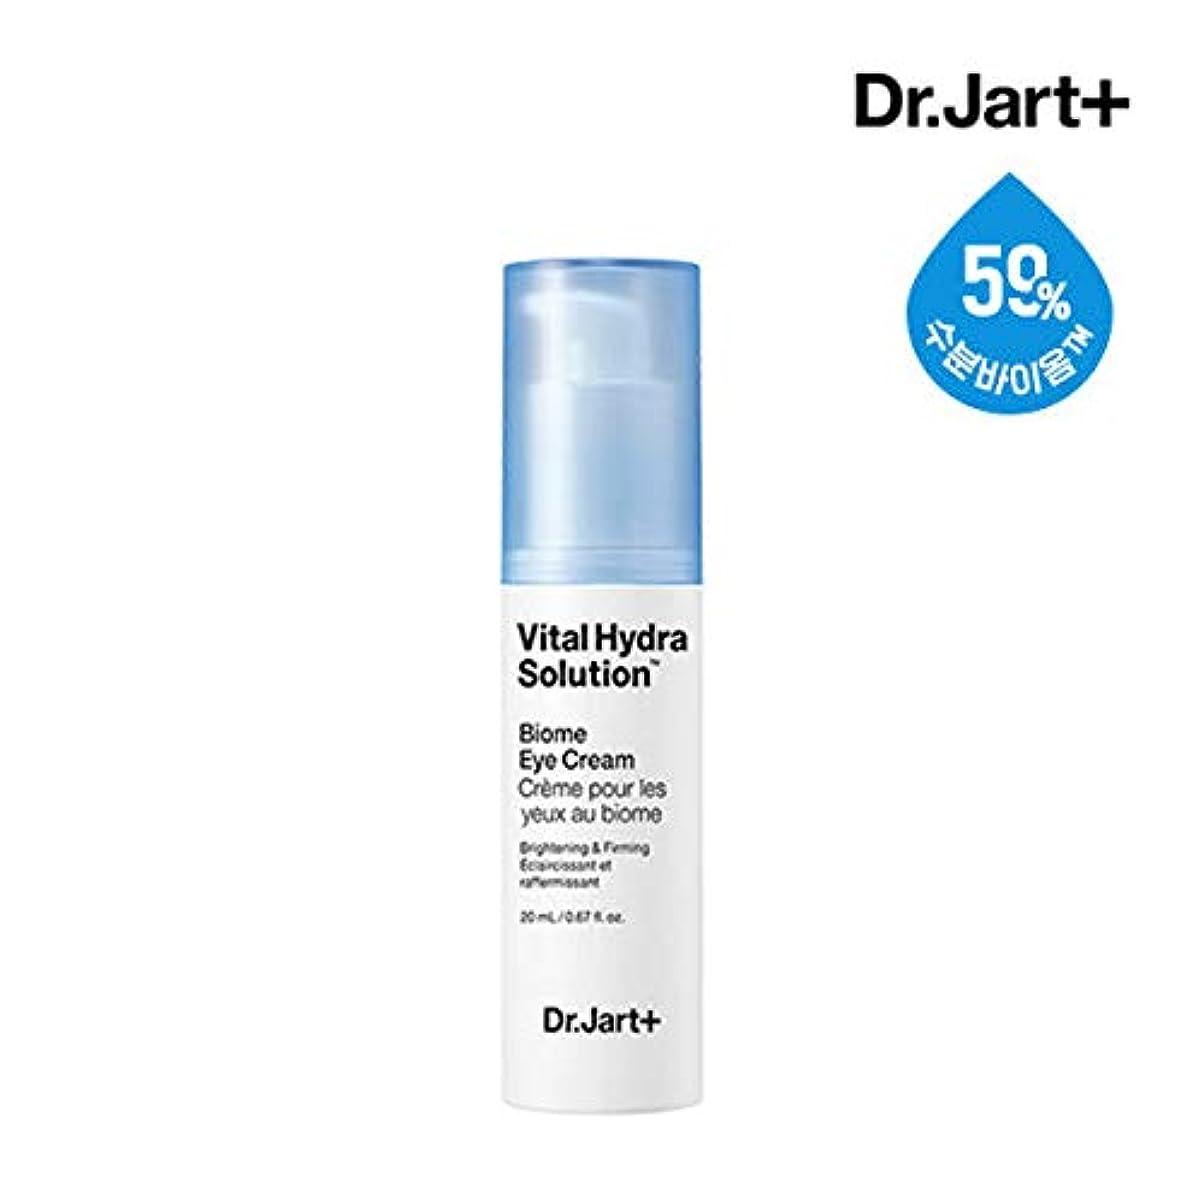 補正単なるコテージドクタージャルトゥ[Dr.Jart+] バイタルハイドラソリューションバイオームアイクリーム20ml (Vital Hydra Solution Biome Eye Cream) / ブライトニング&ファーミング